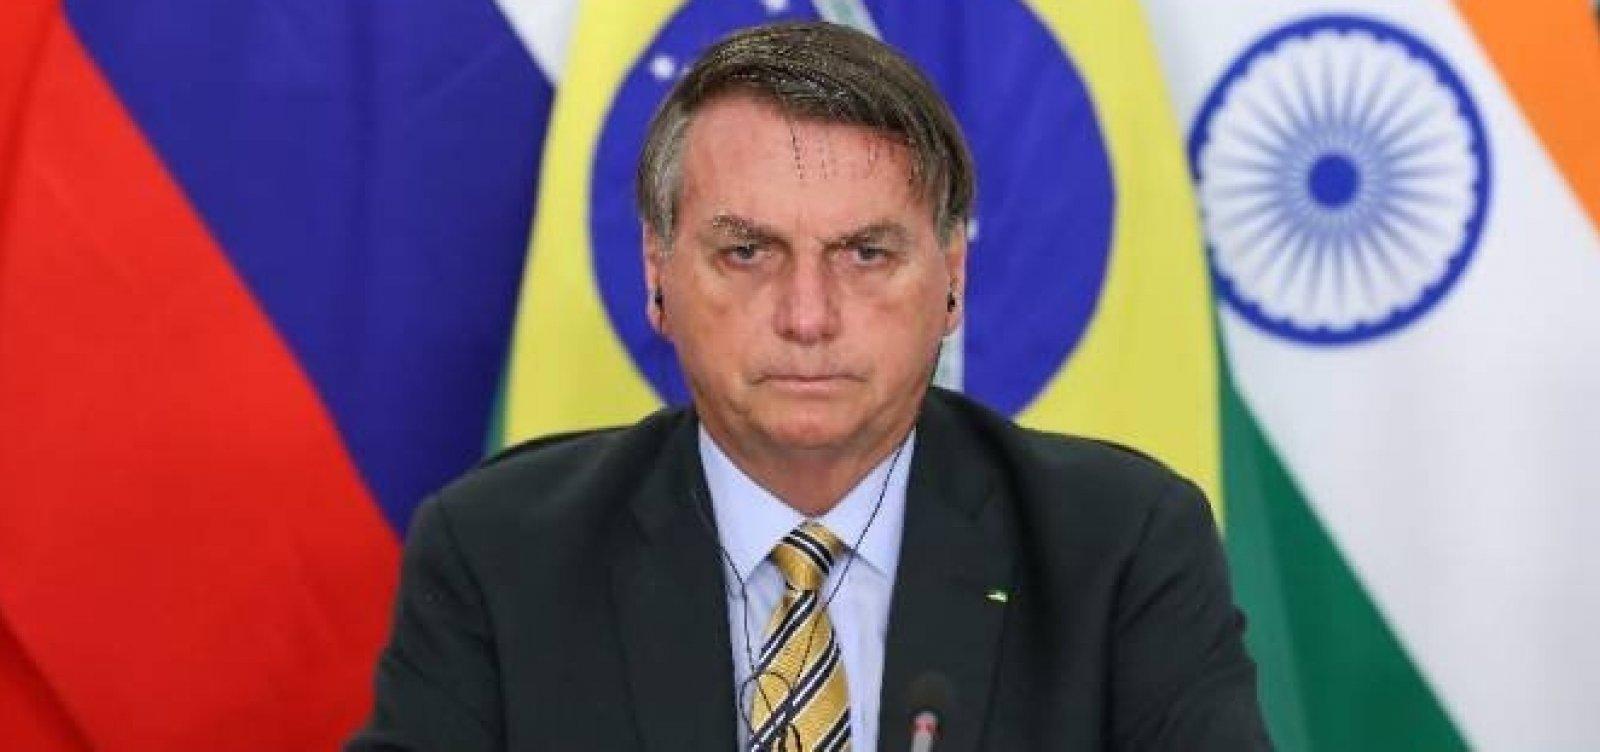 Twitter põe alerta de informação enganosa em publicação de Bolsonaro sobre tratamento precoce contra Covid